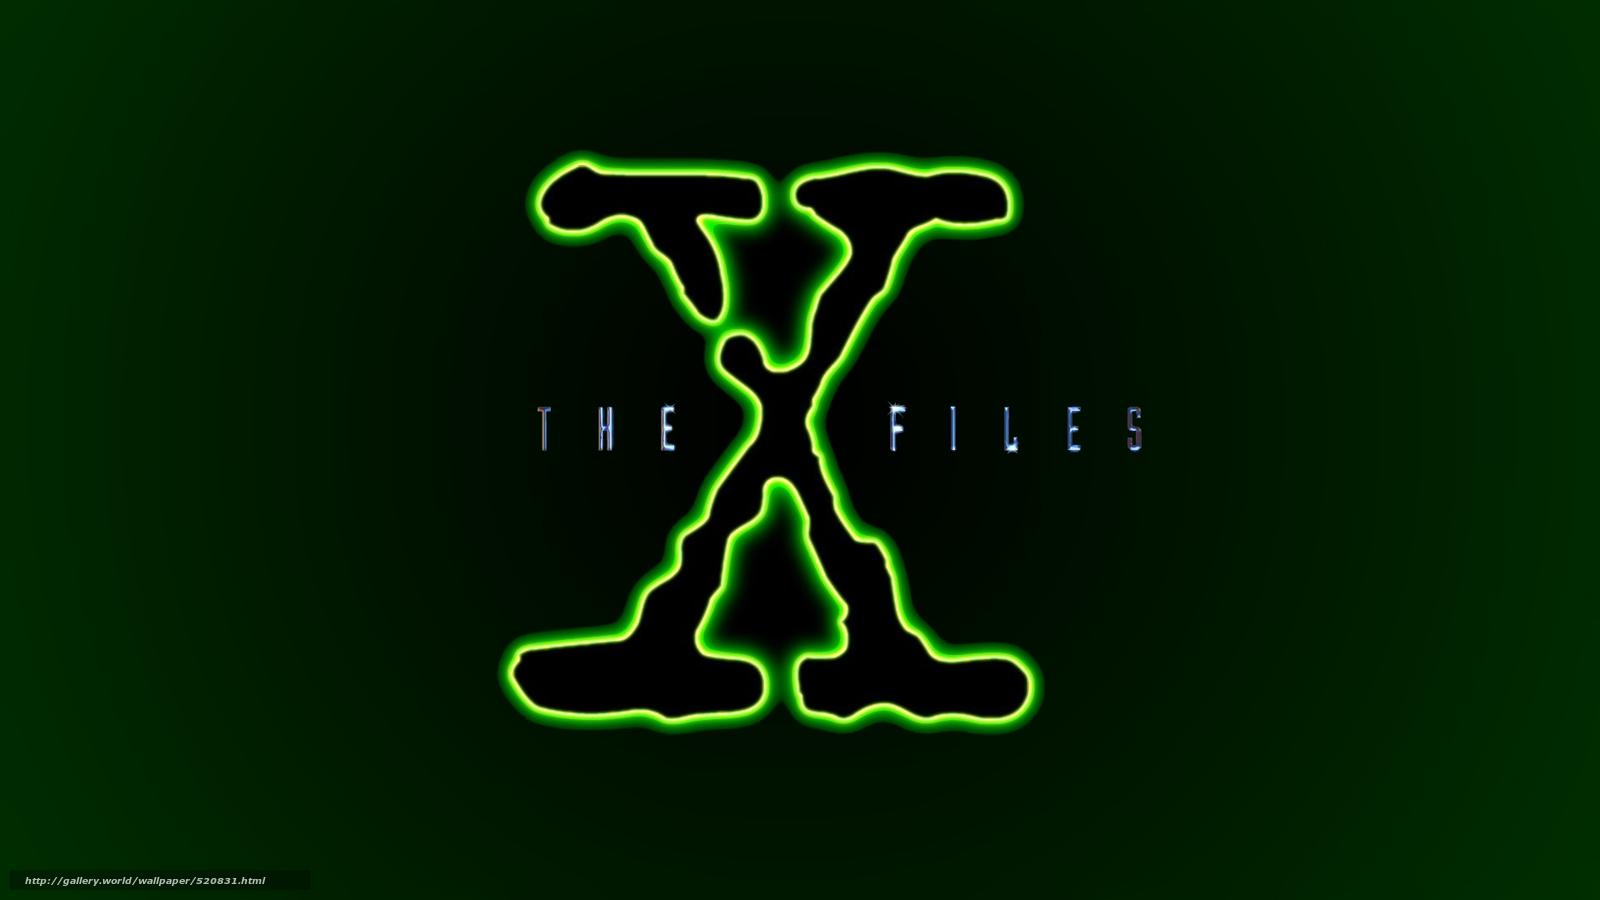 pobra tapety The X-Files,  seria,  The X Files Darmowe tapety na pulpit rozdzielczoci 1920x1080 — zdjcie №520831